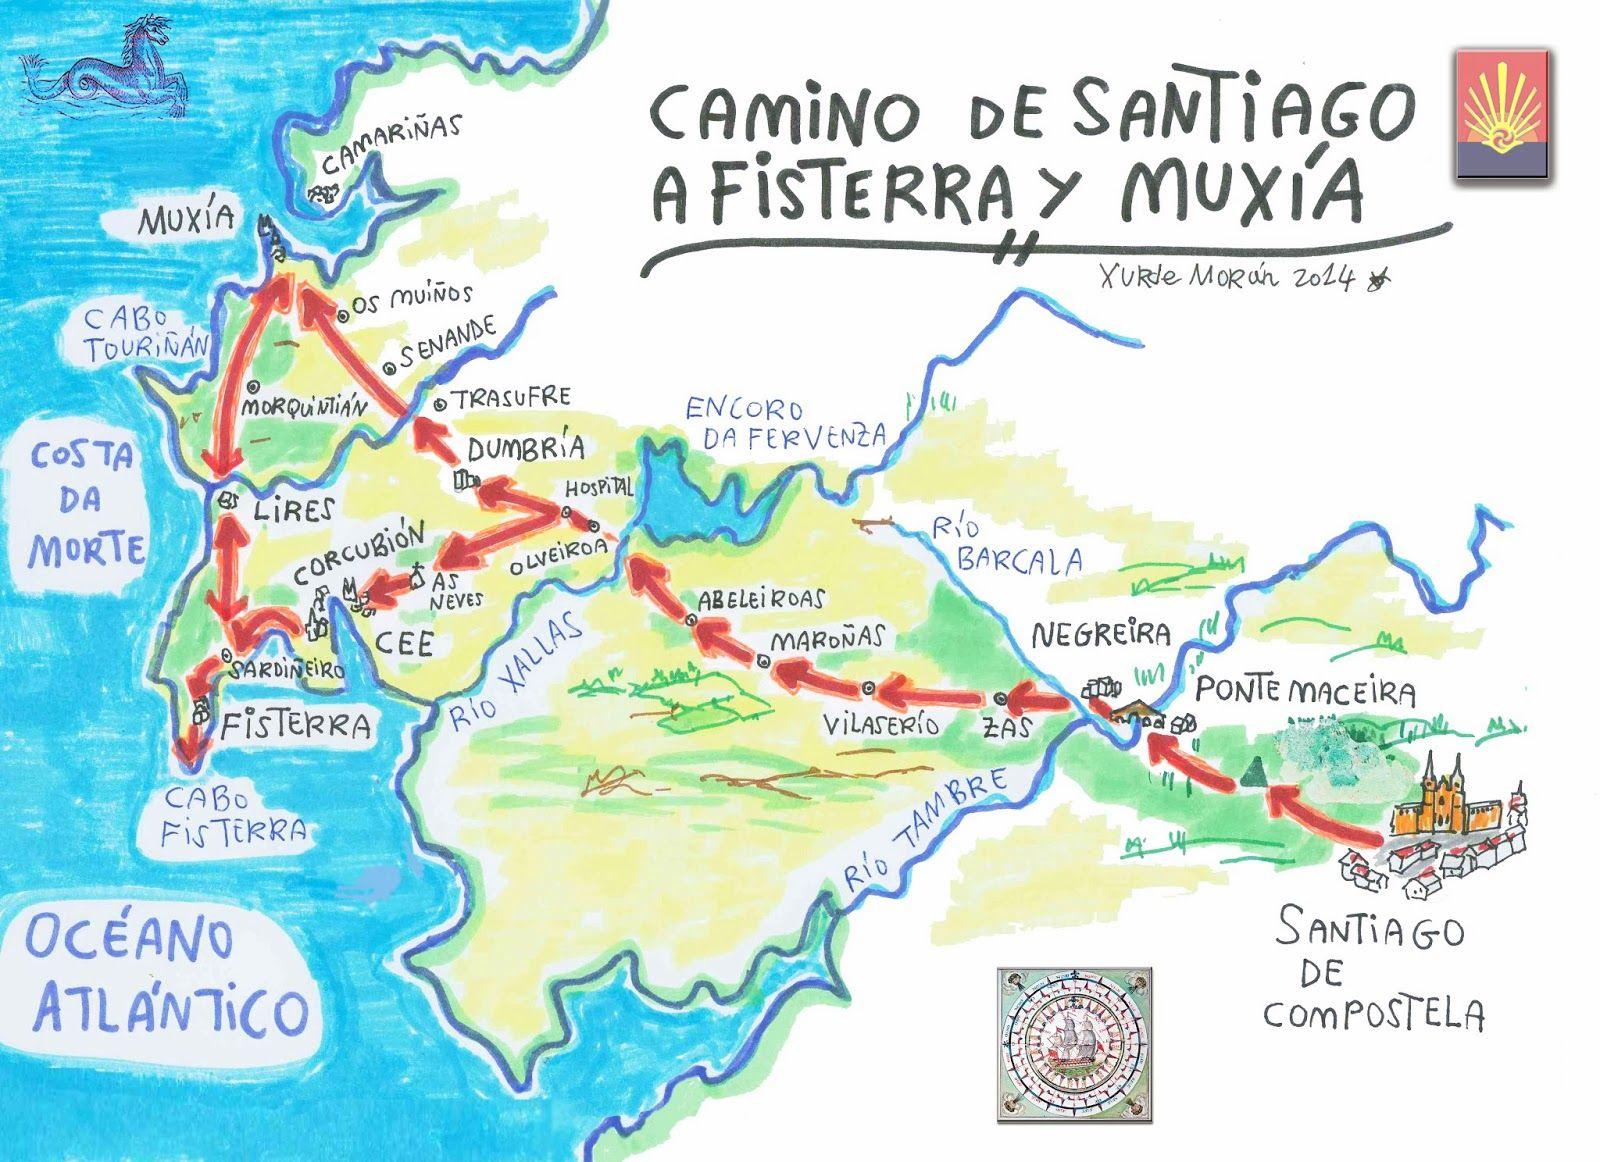 Xurde Morn Mapa del Camino de Santiago a Fisterra y Muxia